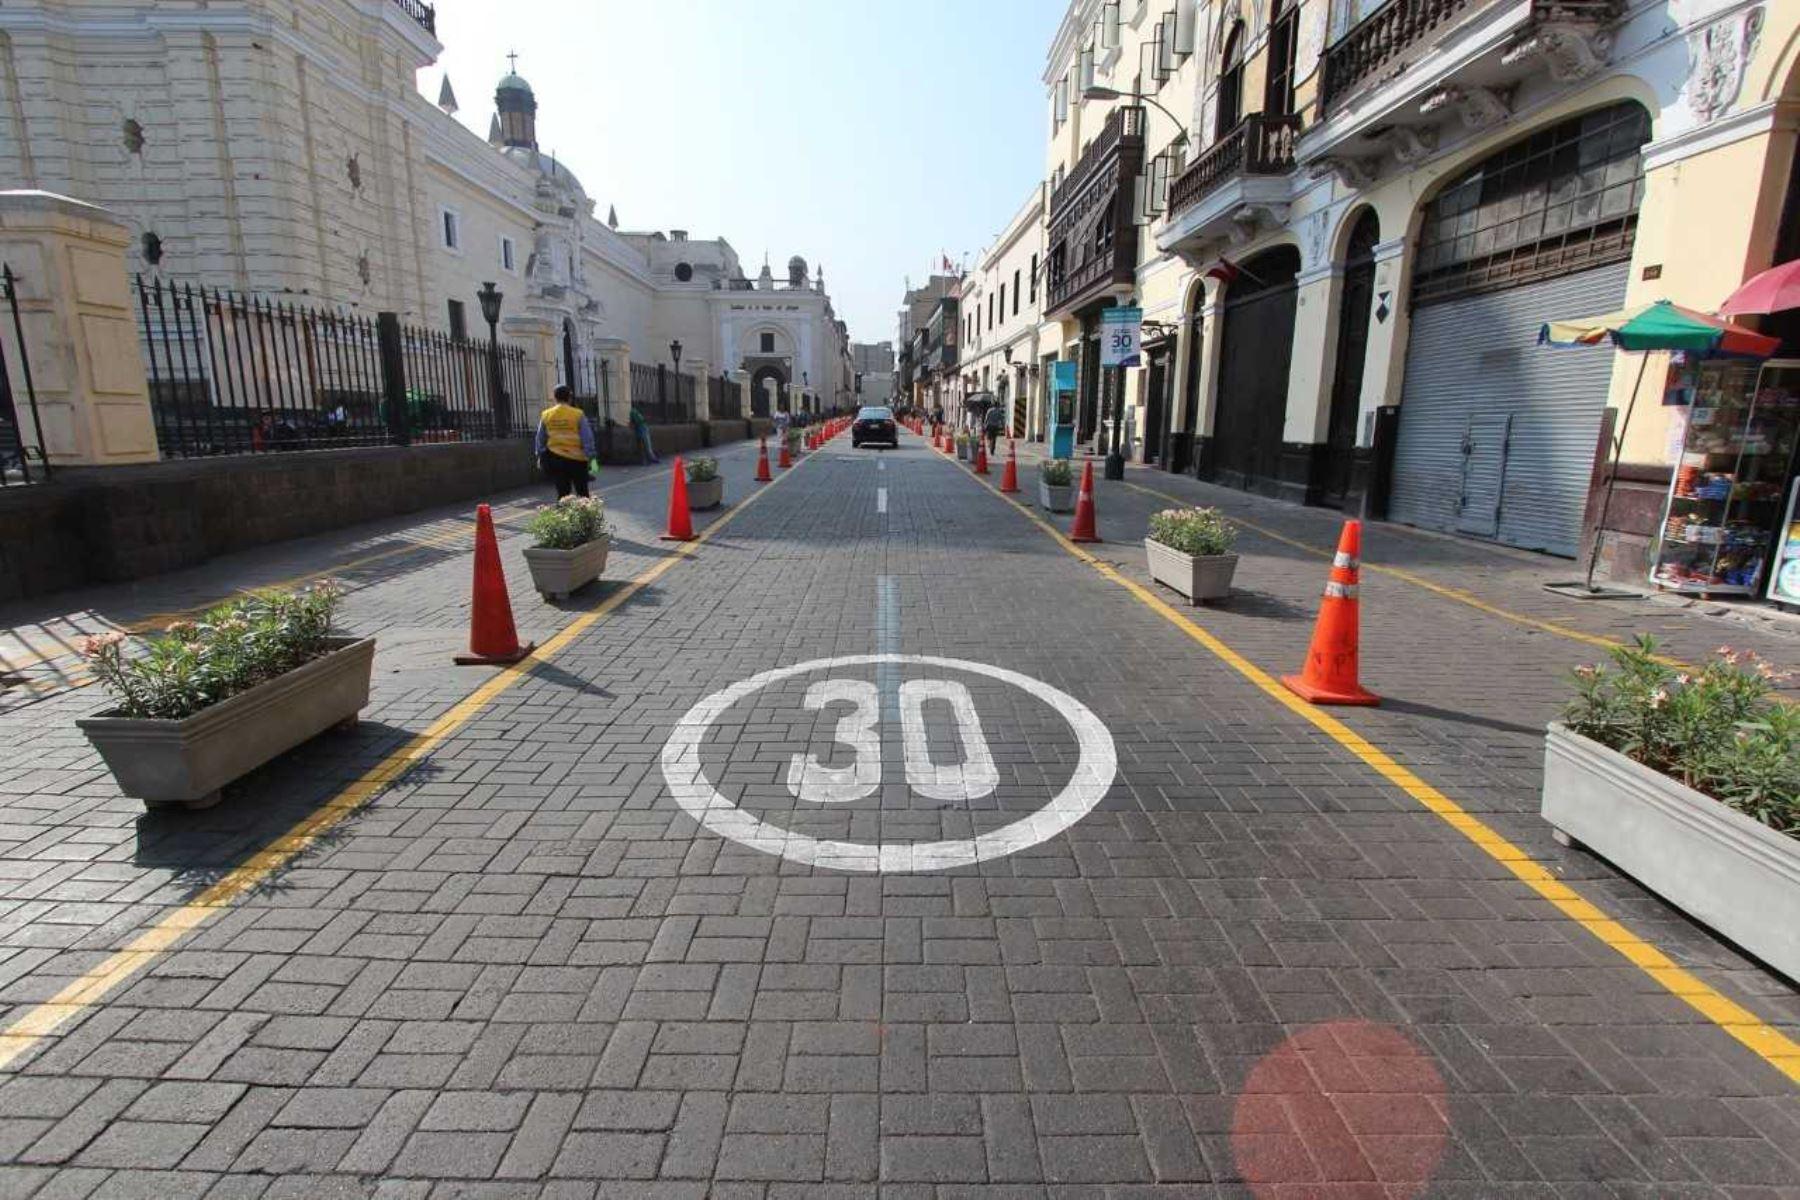 Vehículos deberán circular a 30 km/h en el Centro Histórico de Lima. Foto: ANDINA/Difusión.